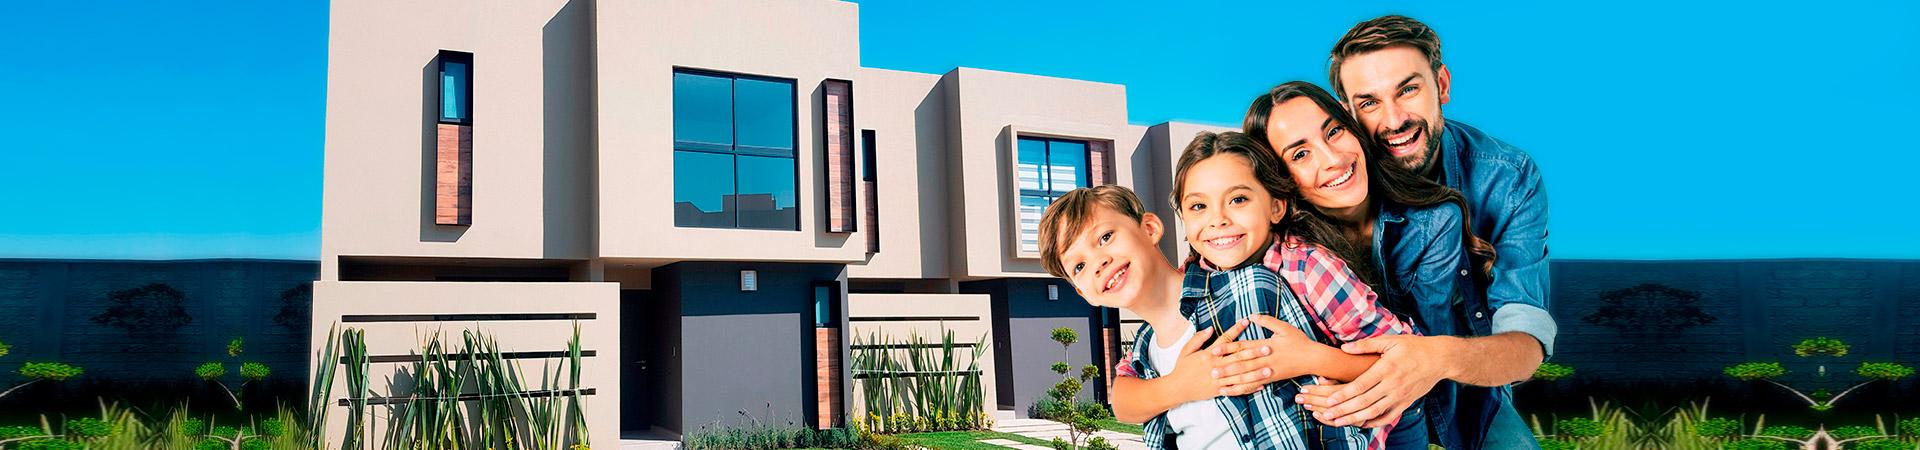 Imagen de casas de La Perla